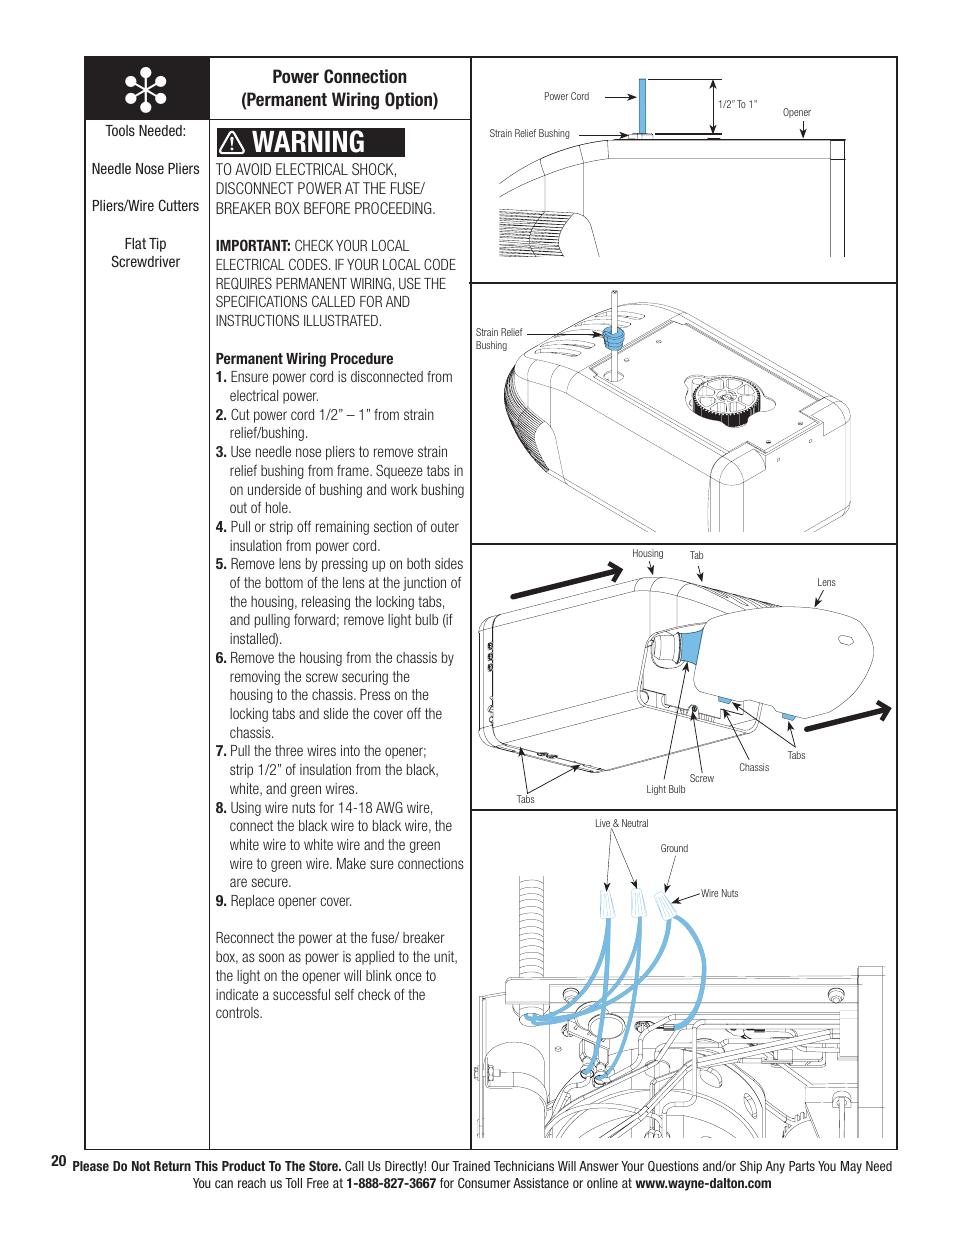 wayne-dalton-prodrive-3222c-z-page26  Flat Wire Diagram on